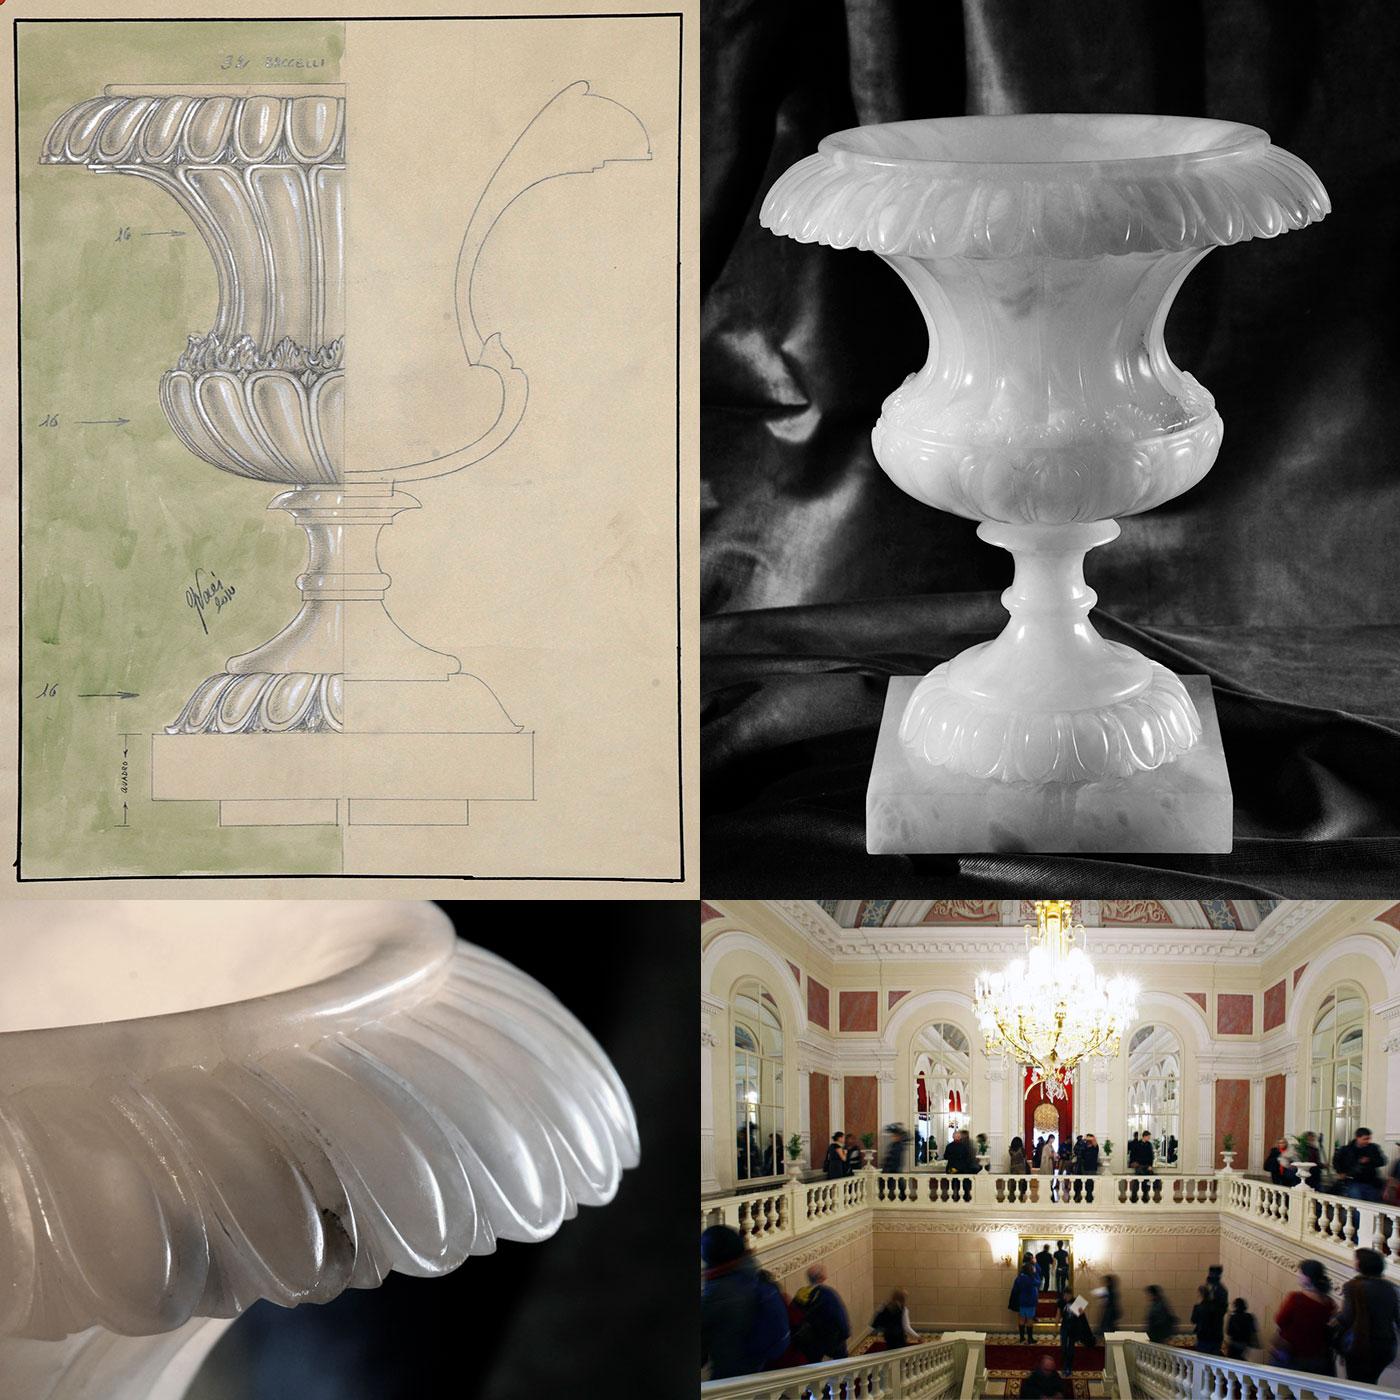 Realizzazione Vasi in alabastro per il Bolshoi Theatre